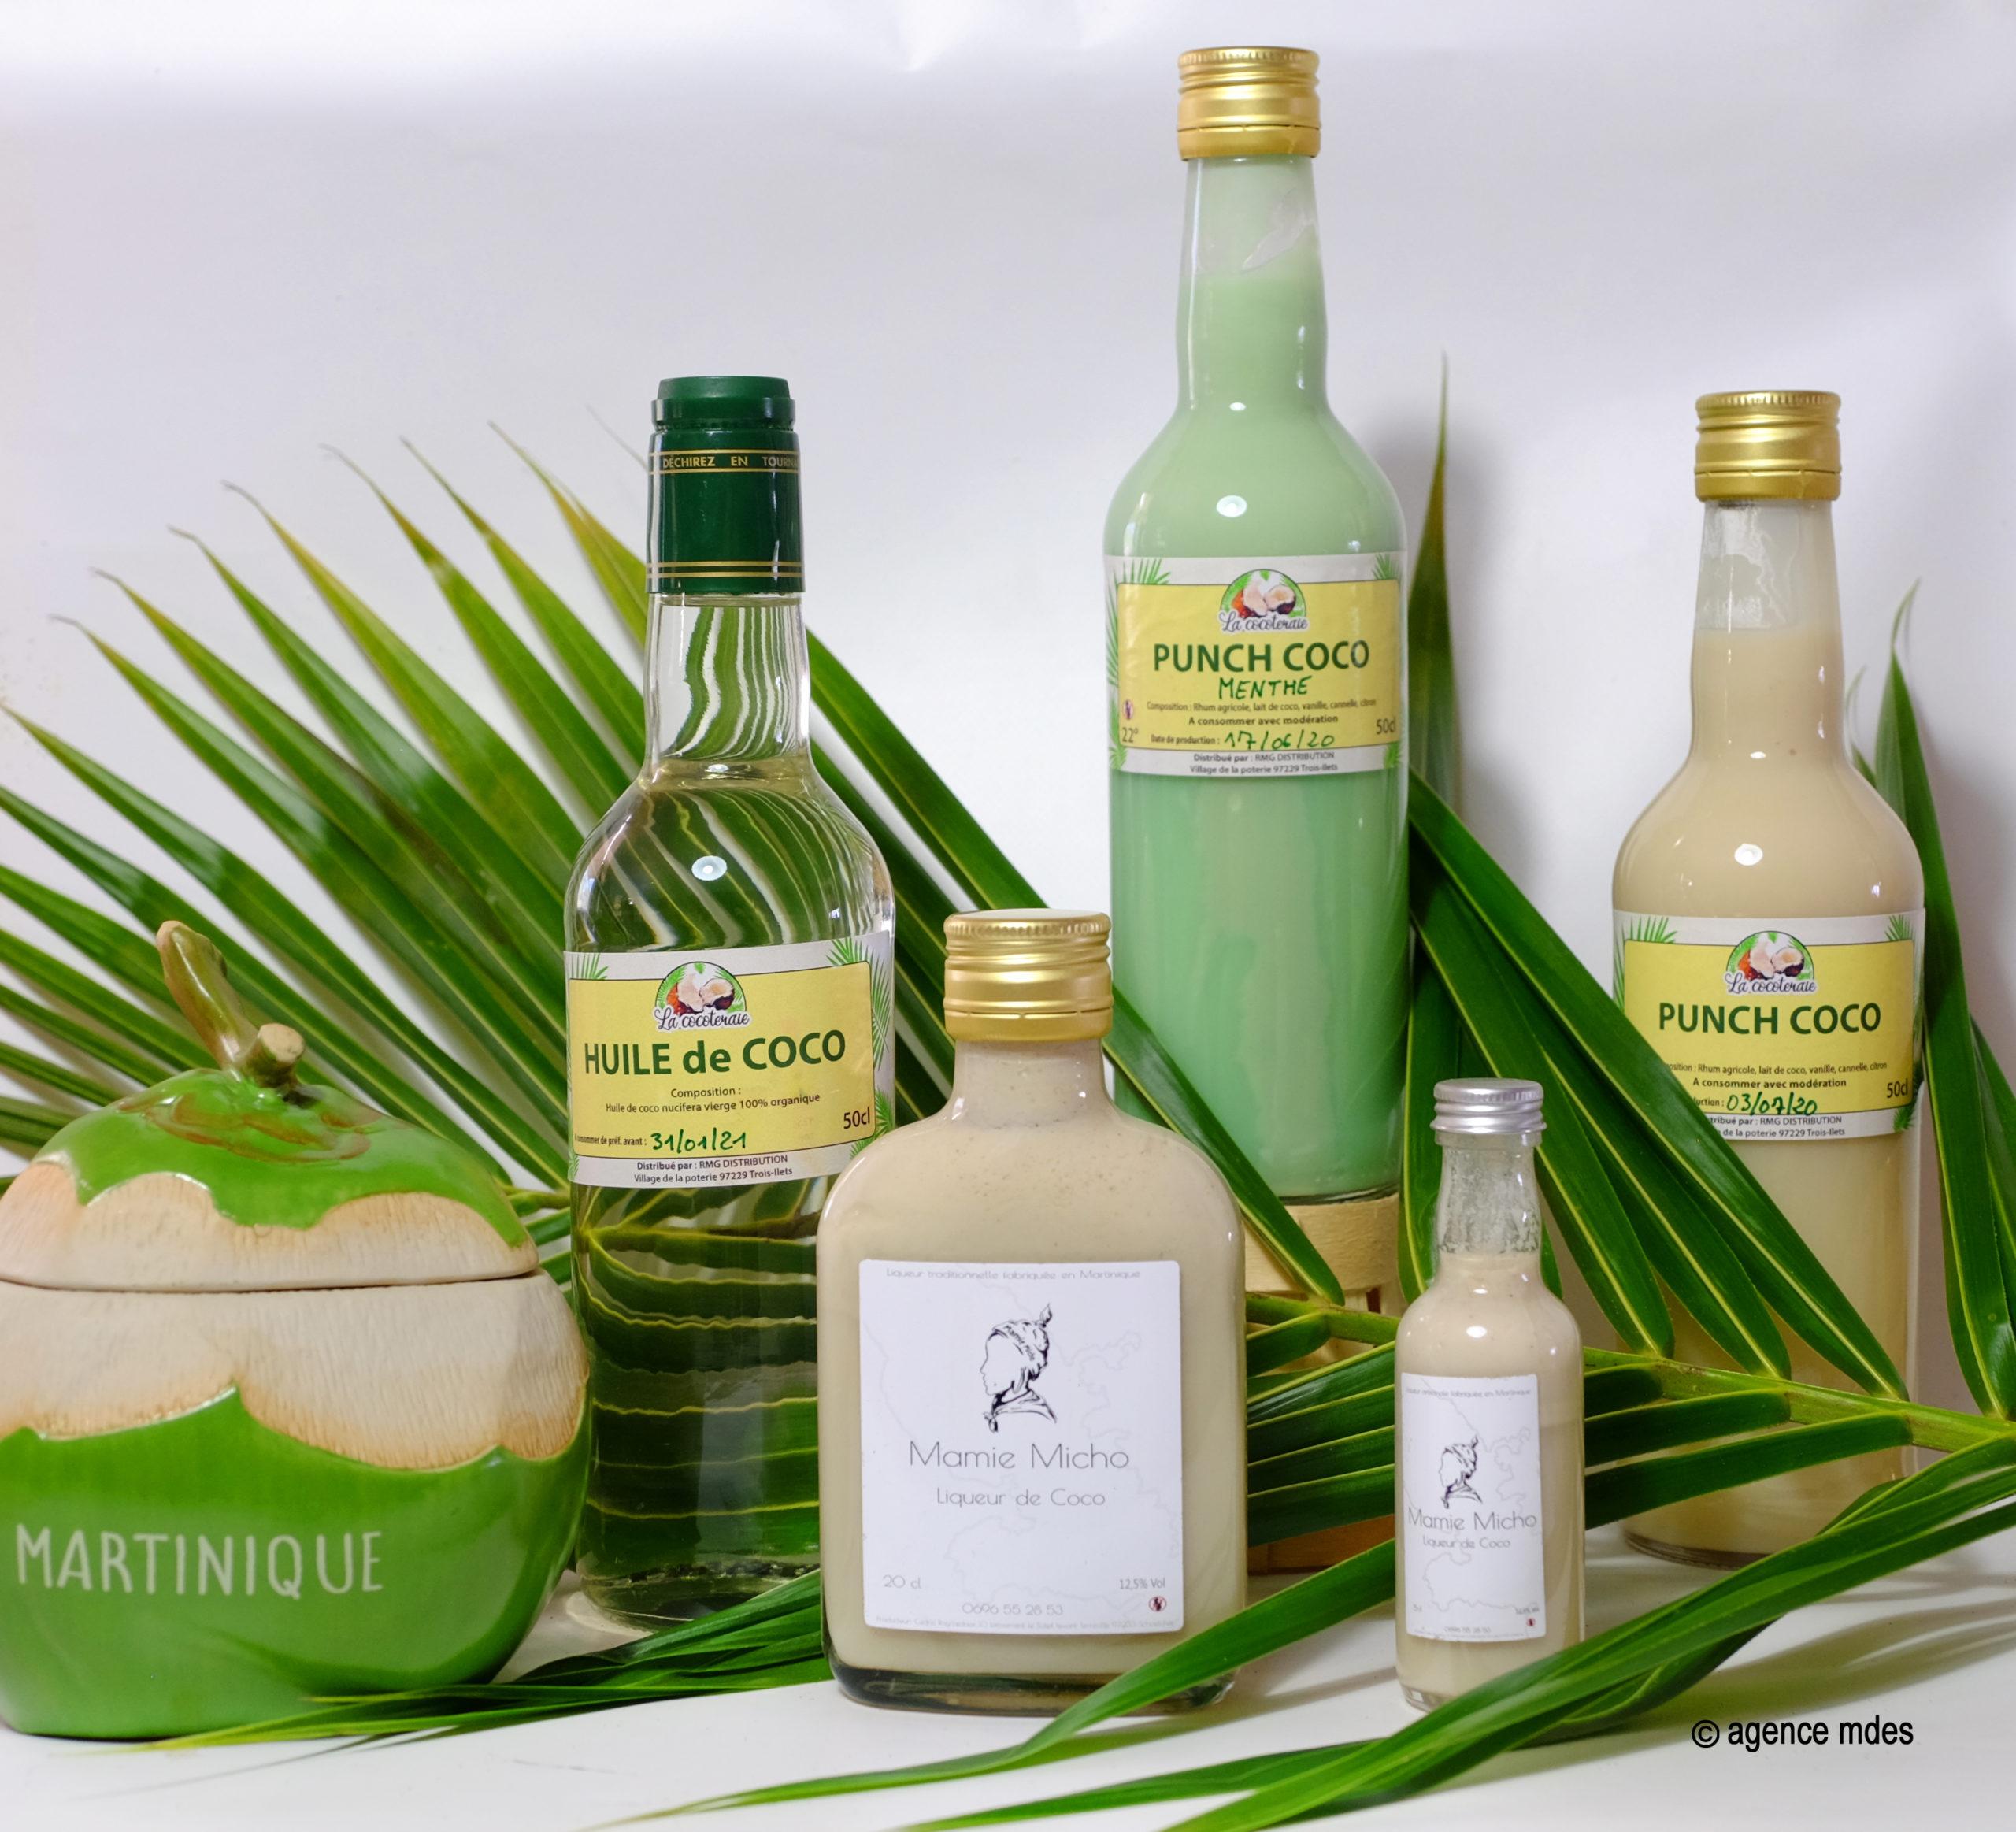 LA COCOTERAIE – Artisanat, Produit de Beauté et Gastronomie à base de noix de Coco